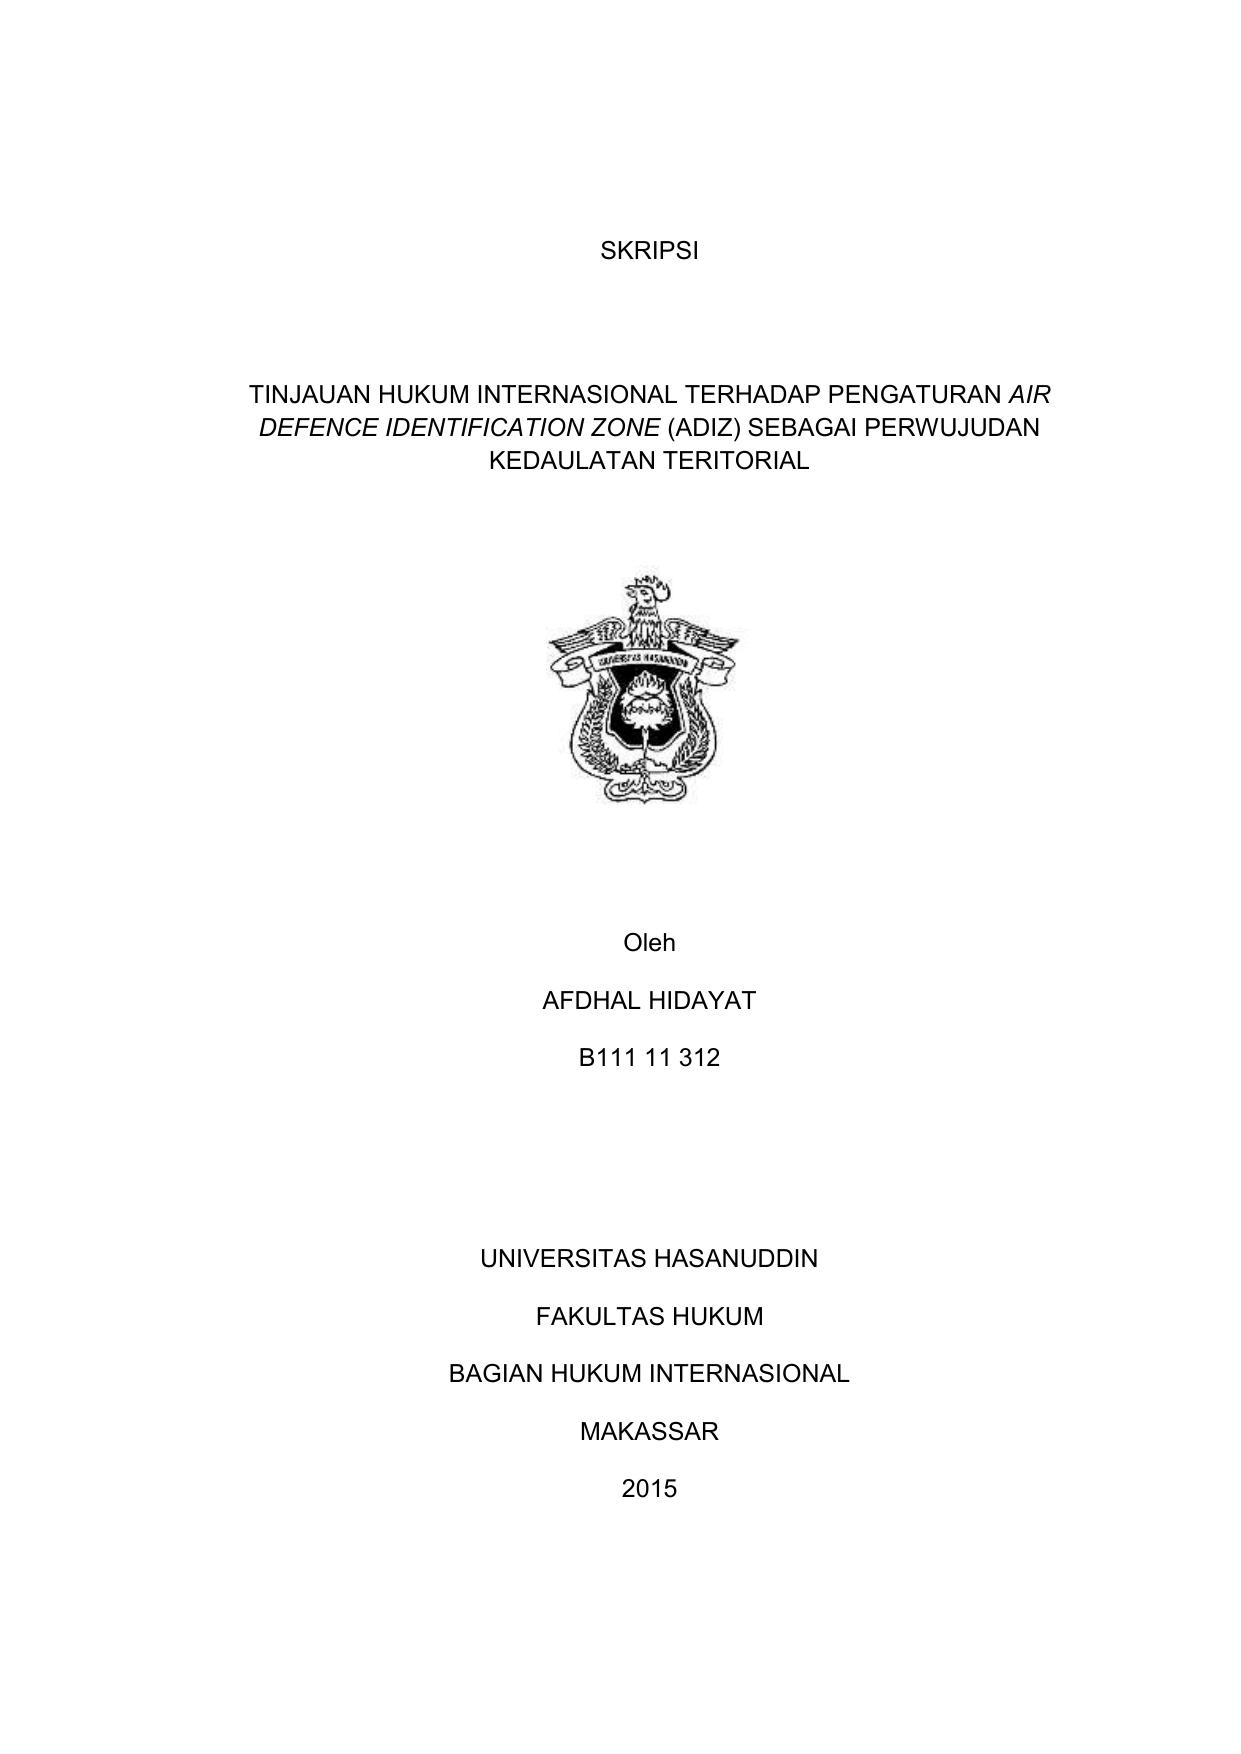 Contoh Judul Skripsi Hukum Internasional Ide Judul Skripsi Universitas